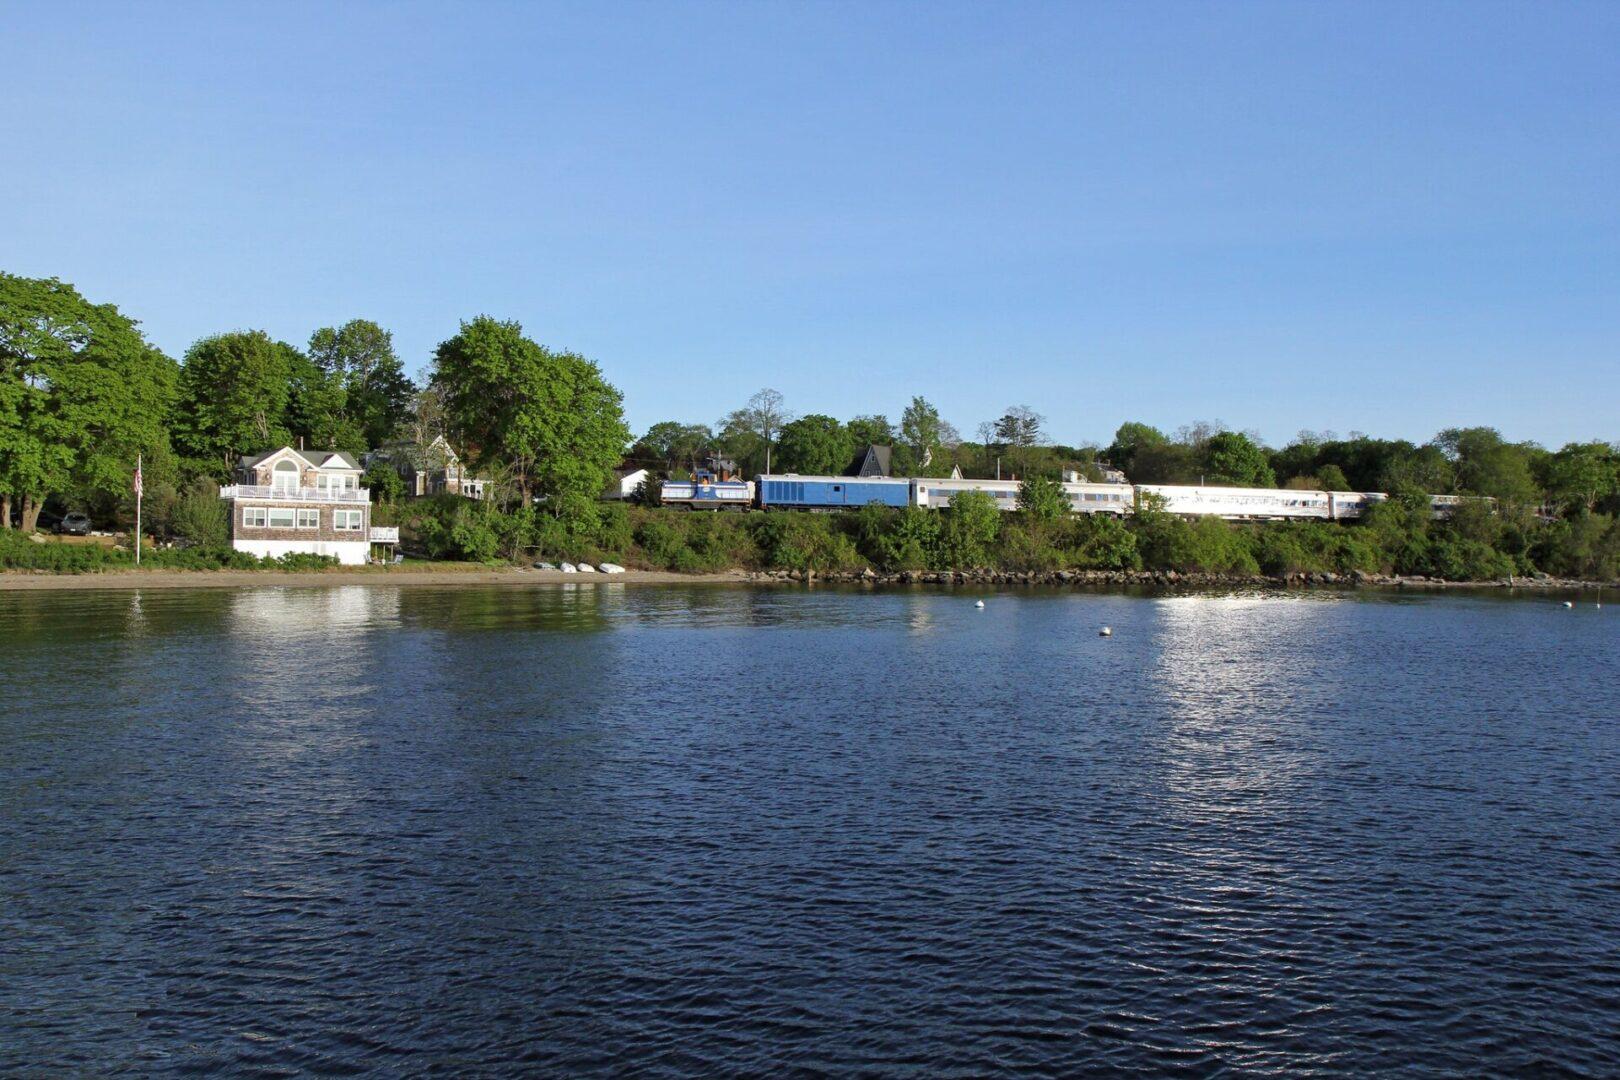 Grand Bellevue train at Bristol Ferry in Portsmouth, Rhode Island